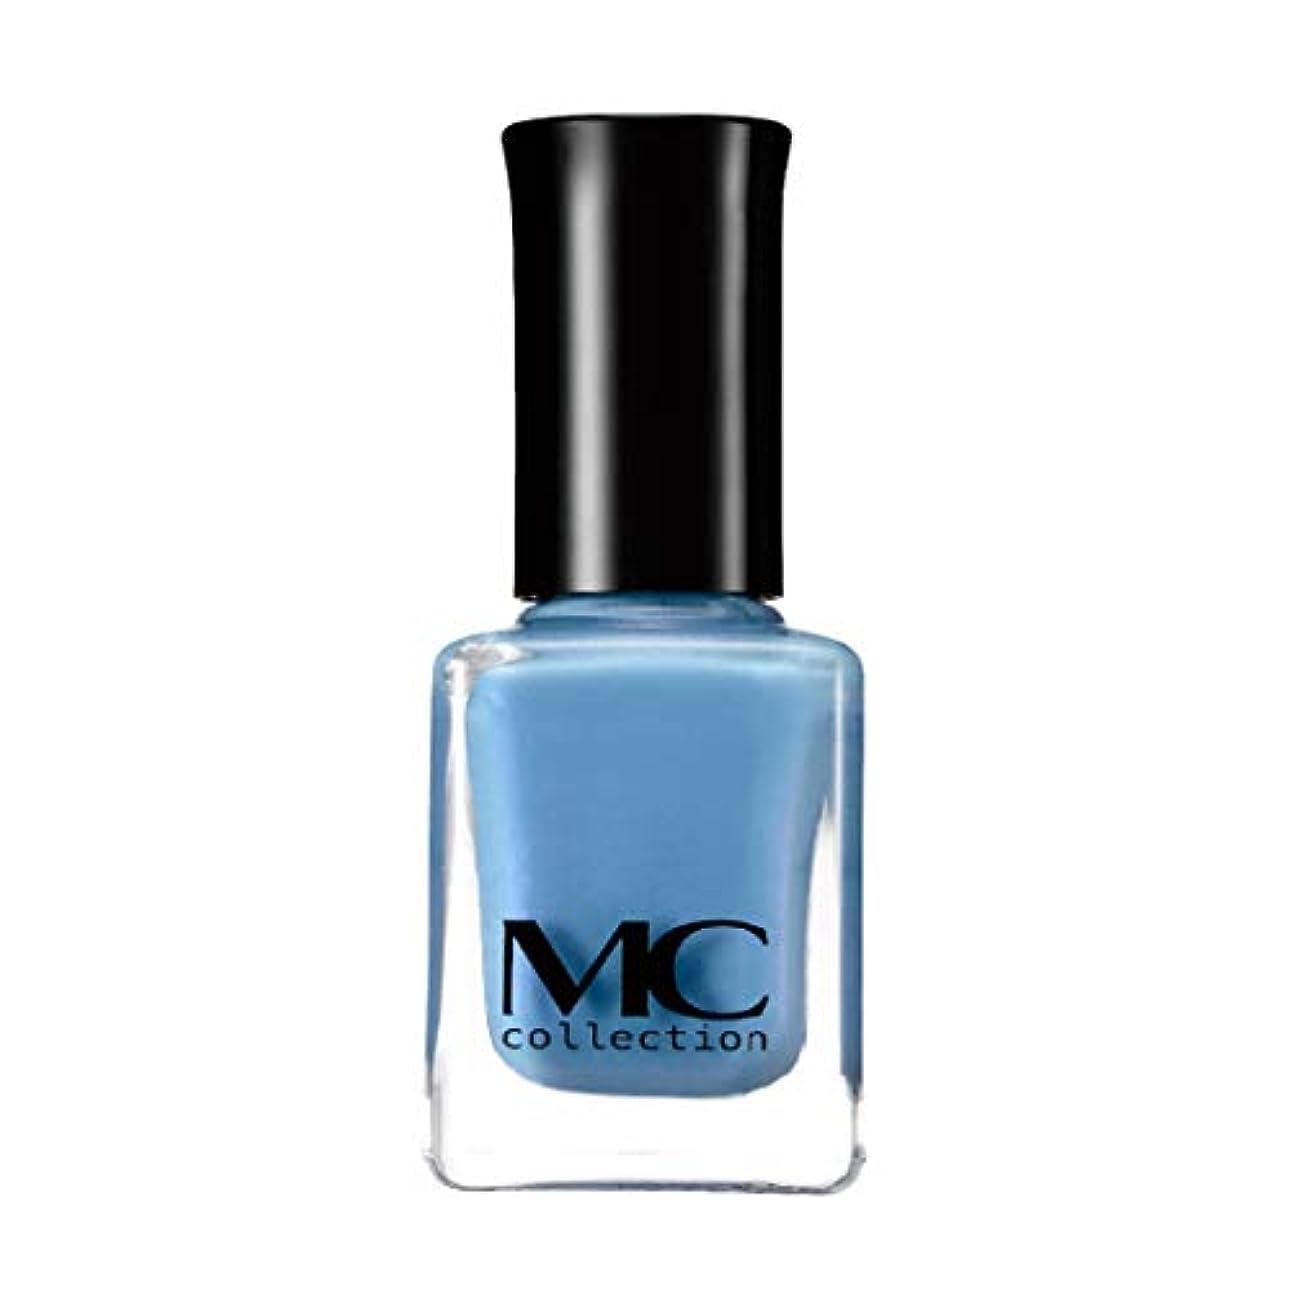 ハブアルファベット順にはまってマニキュア ネイルカラー N62 ブルー ( ネイルポリッシュ 日本製 ) 【 MCコレクション 】